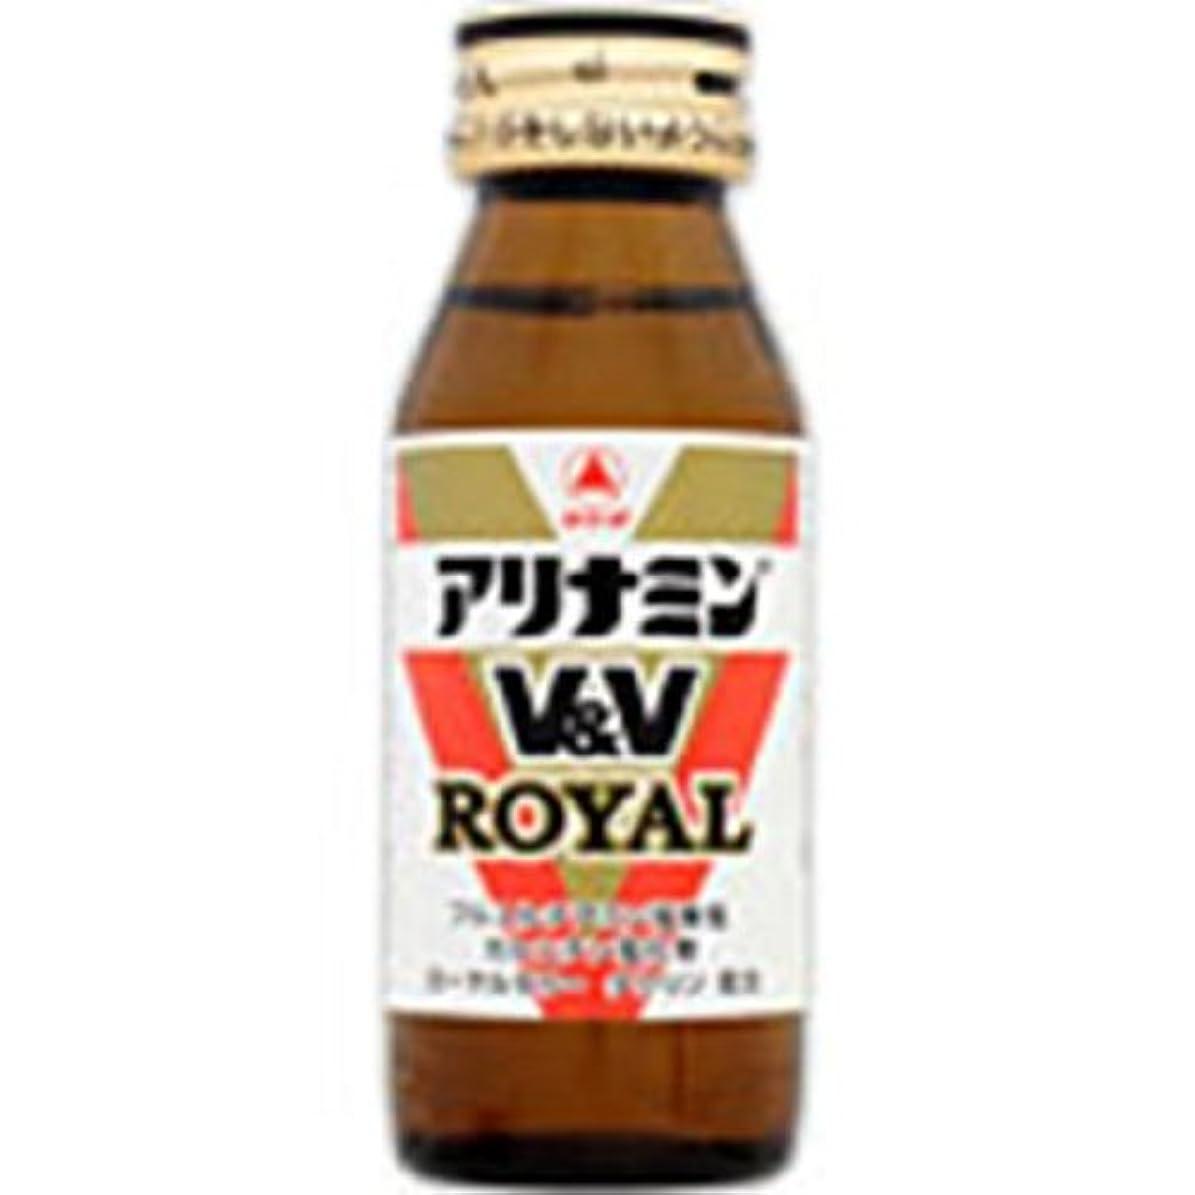 腹部十分な局アリナミンV&Vロイヤル 50ml 【指定医薬部外品】